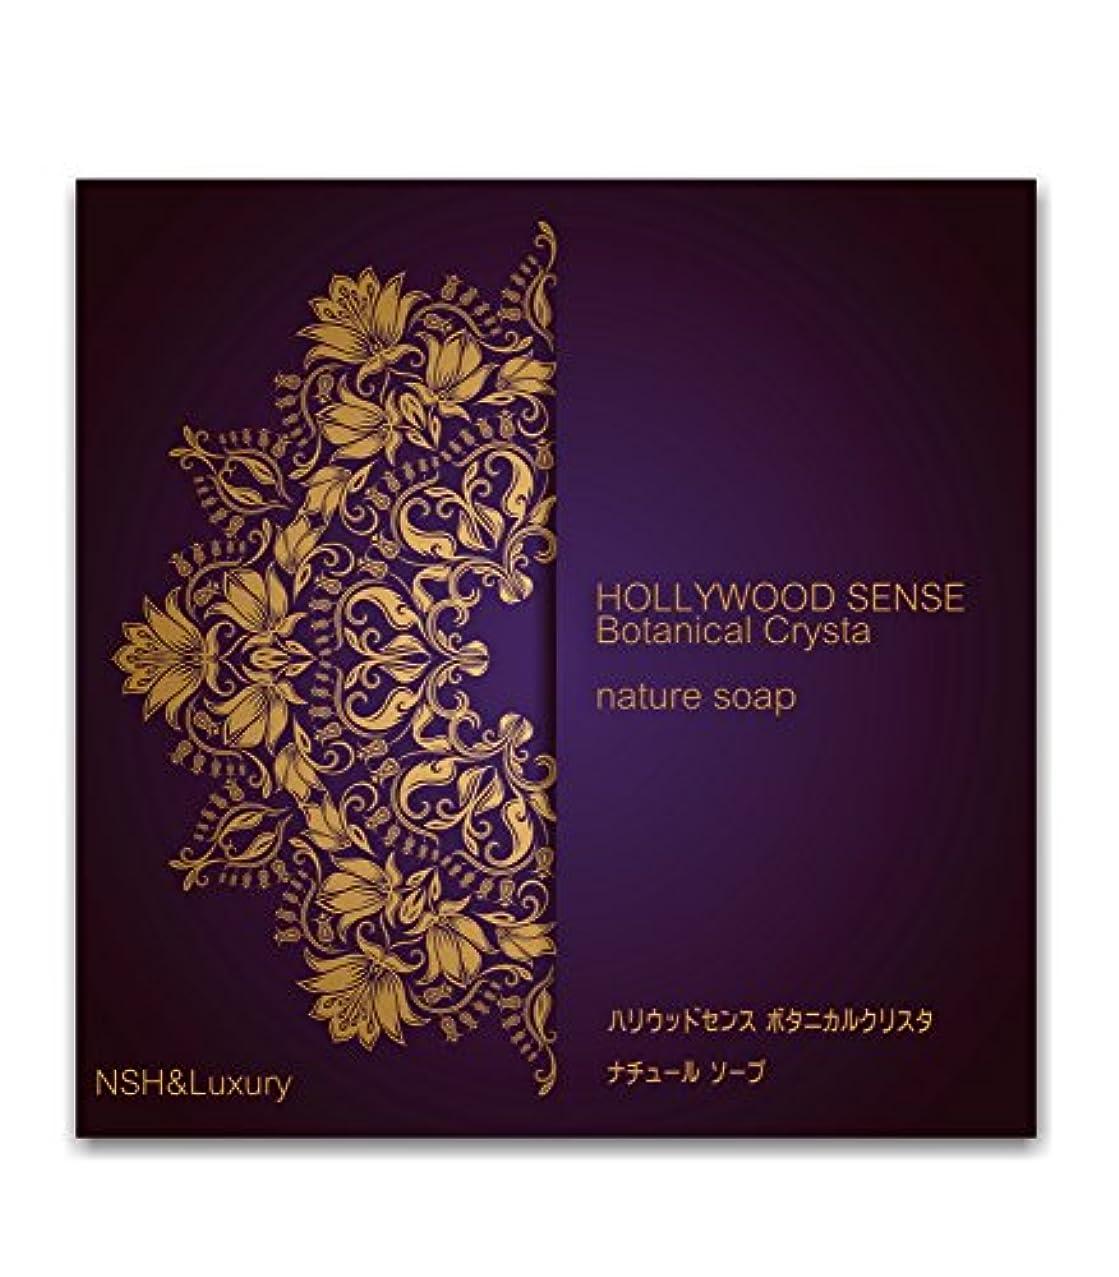 学士音楽家千「ナッシュ&ラグジュアリー」 ハリウッドセンス ボタニカルクリスタ アイムソープ (わくねり化粧石けん 80g)